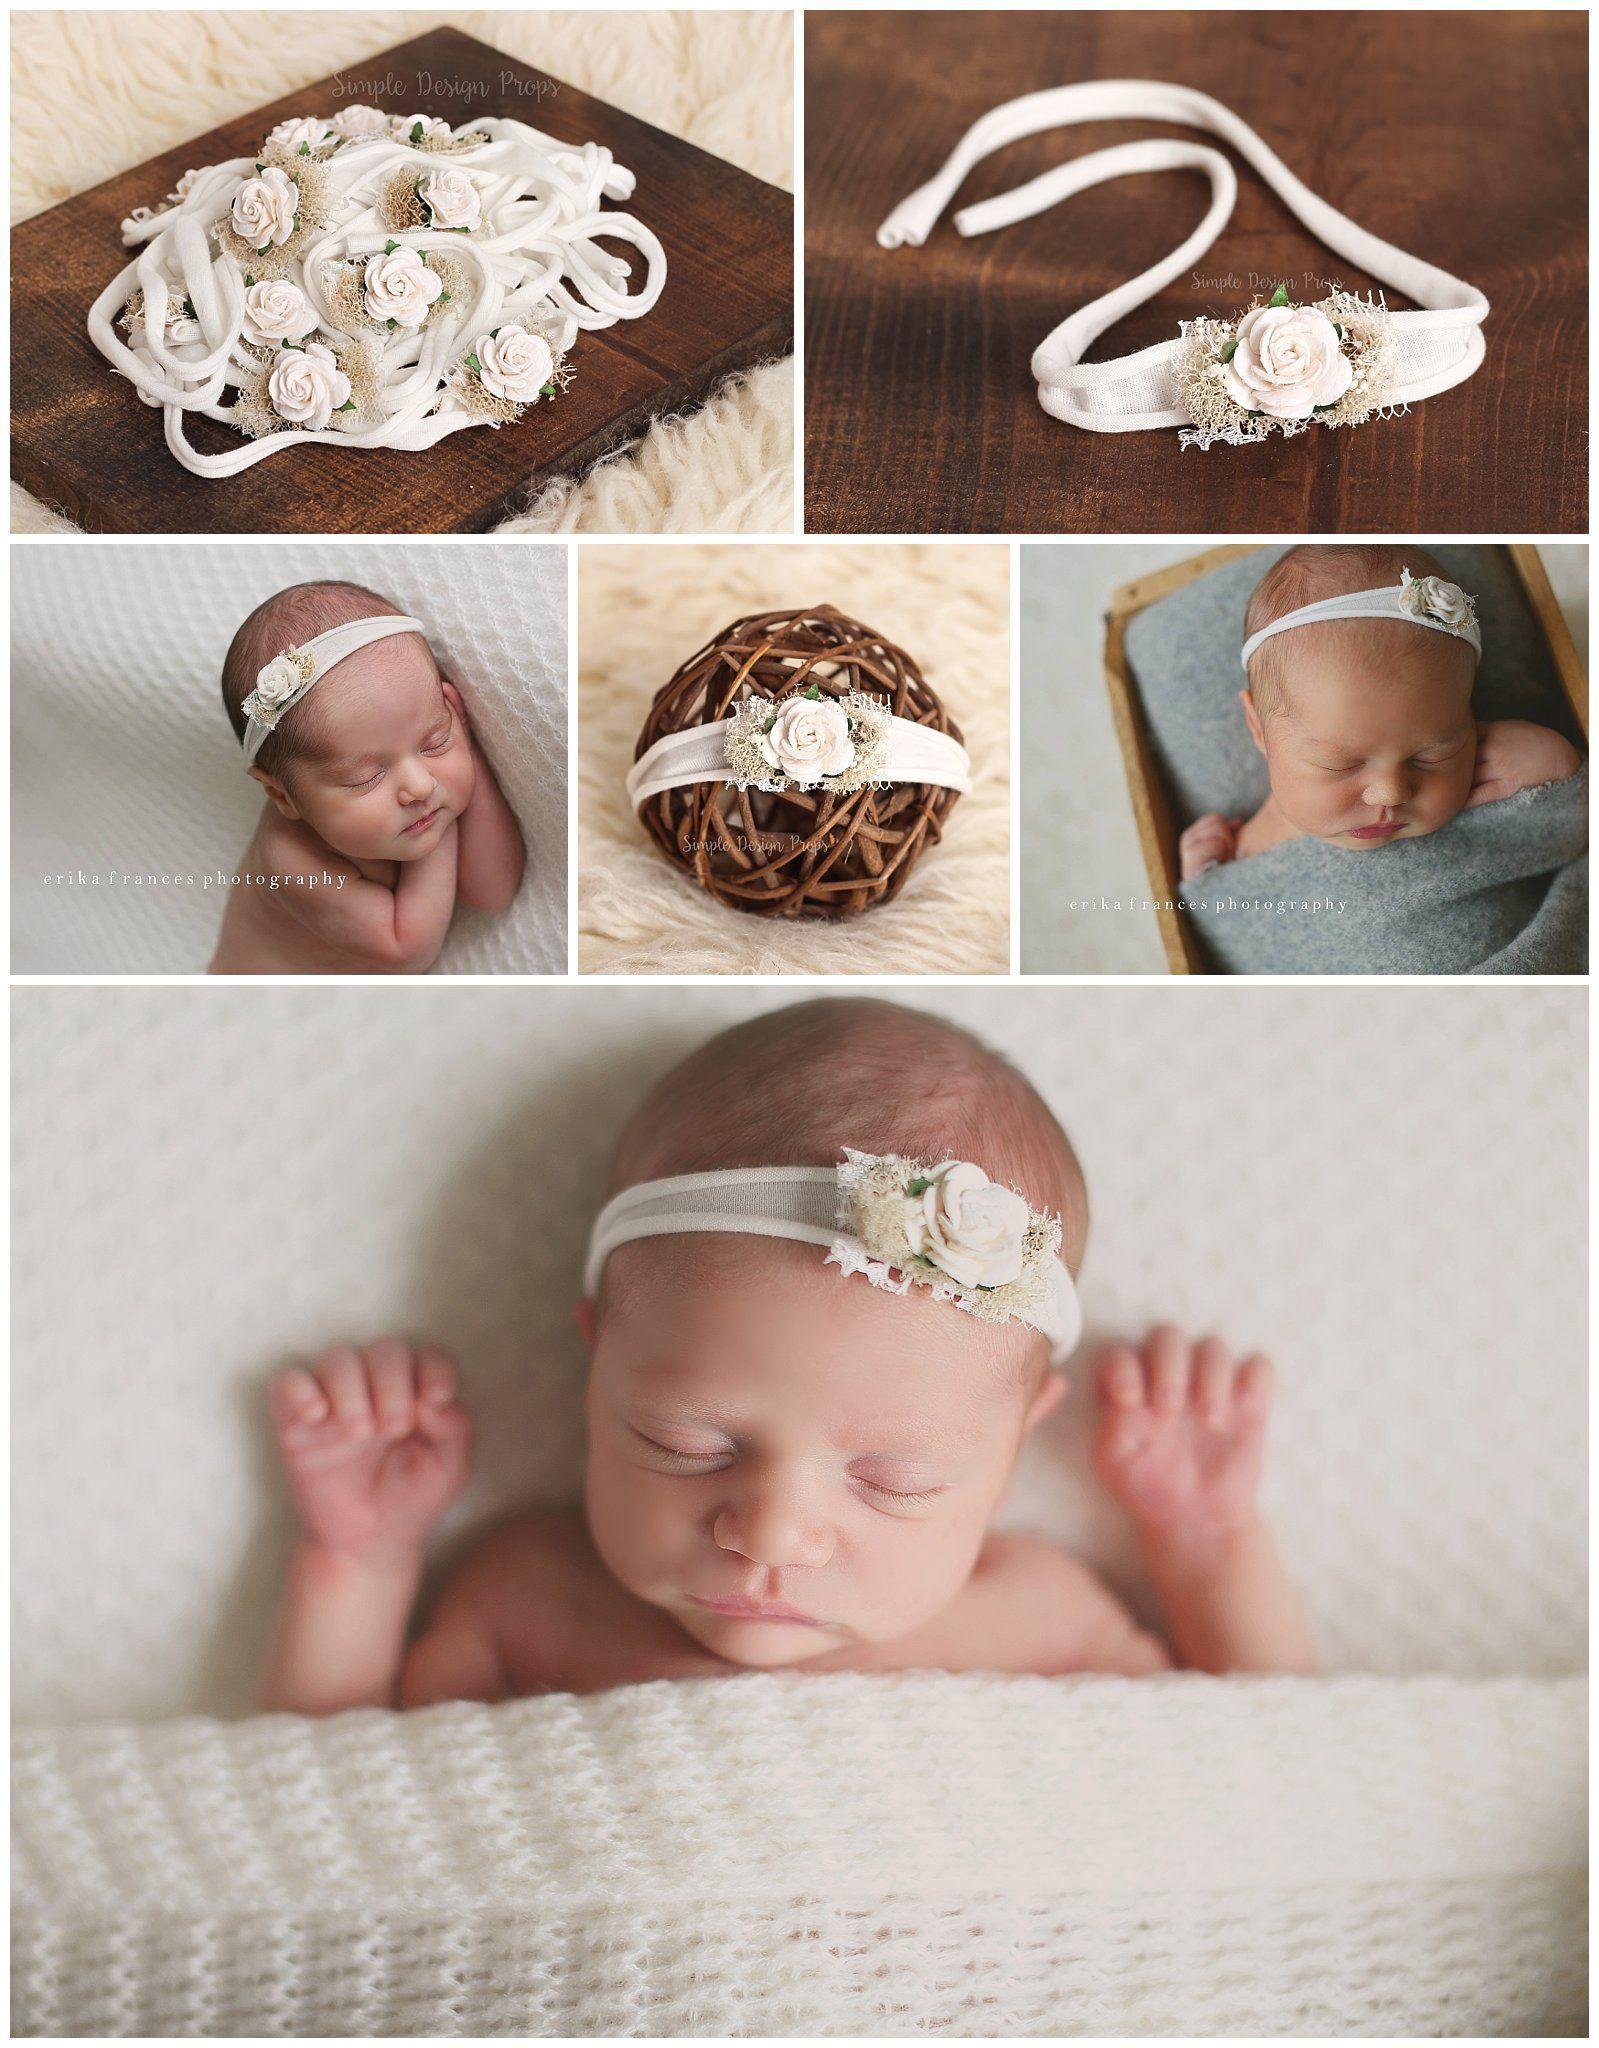 Baby Bows Newborn Headband Baby Photography props Newborn Photography props Baby Headbands Baby Headband Set